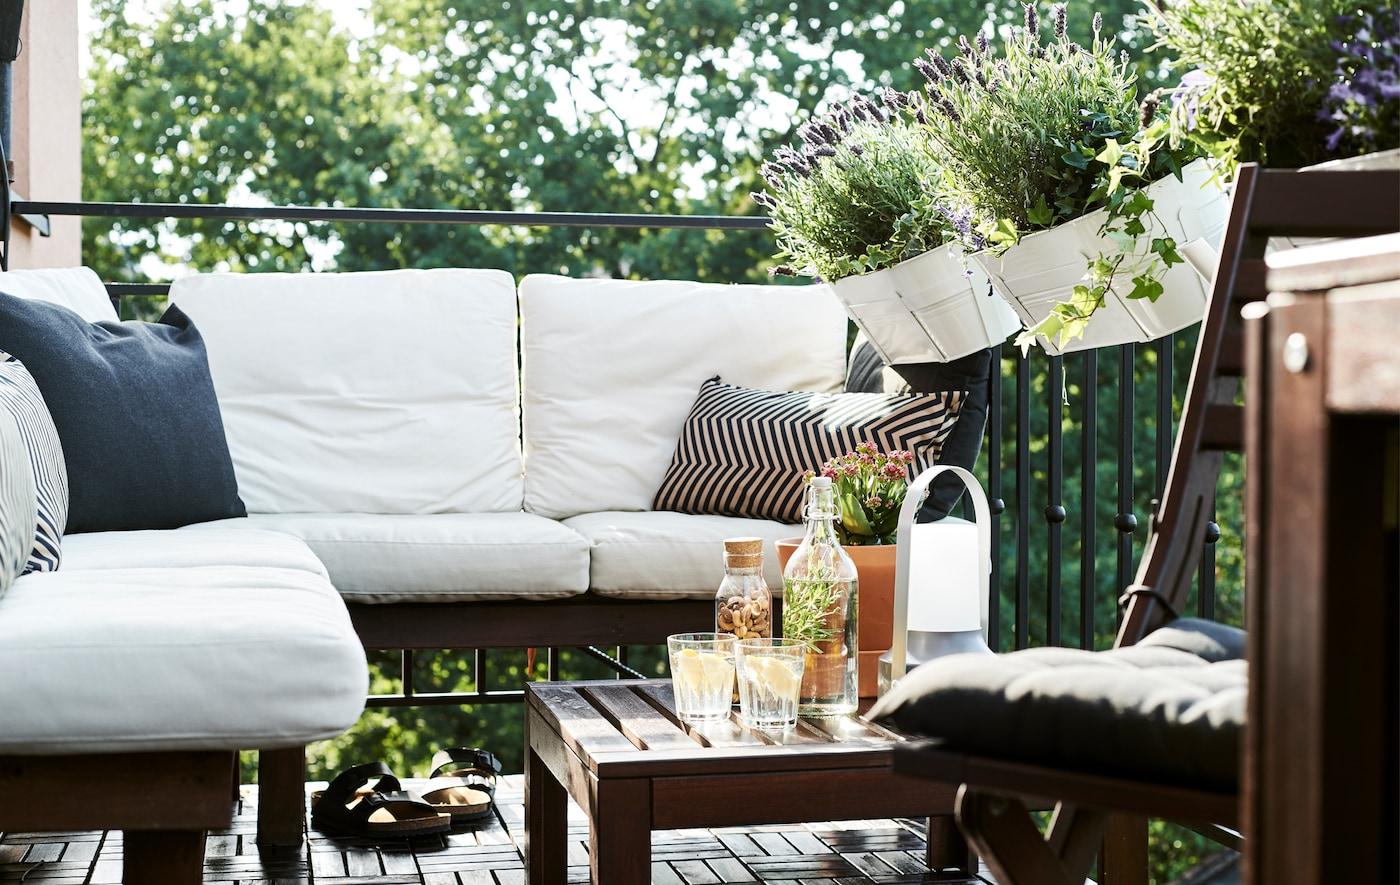 Móveis em madeira escura com almofadas brancas numa varanda com vasos de plantas.